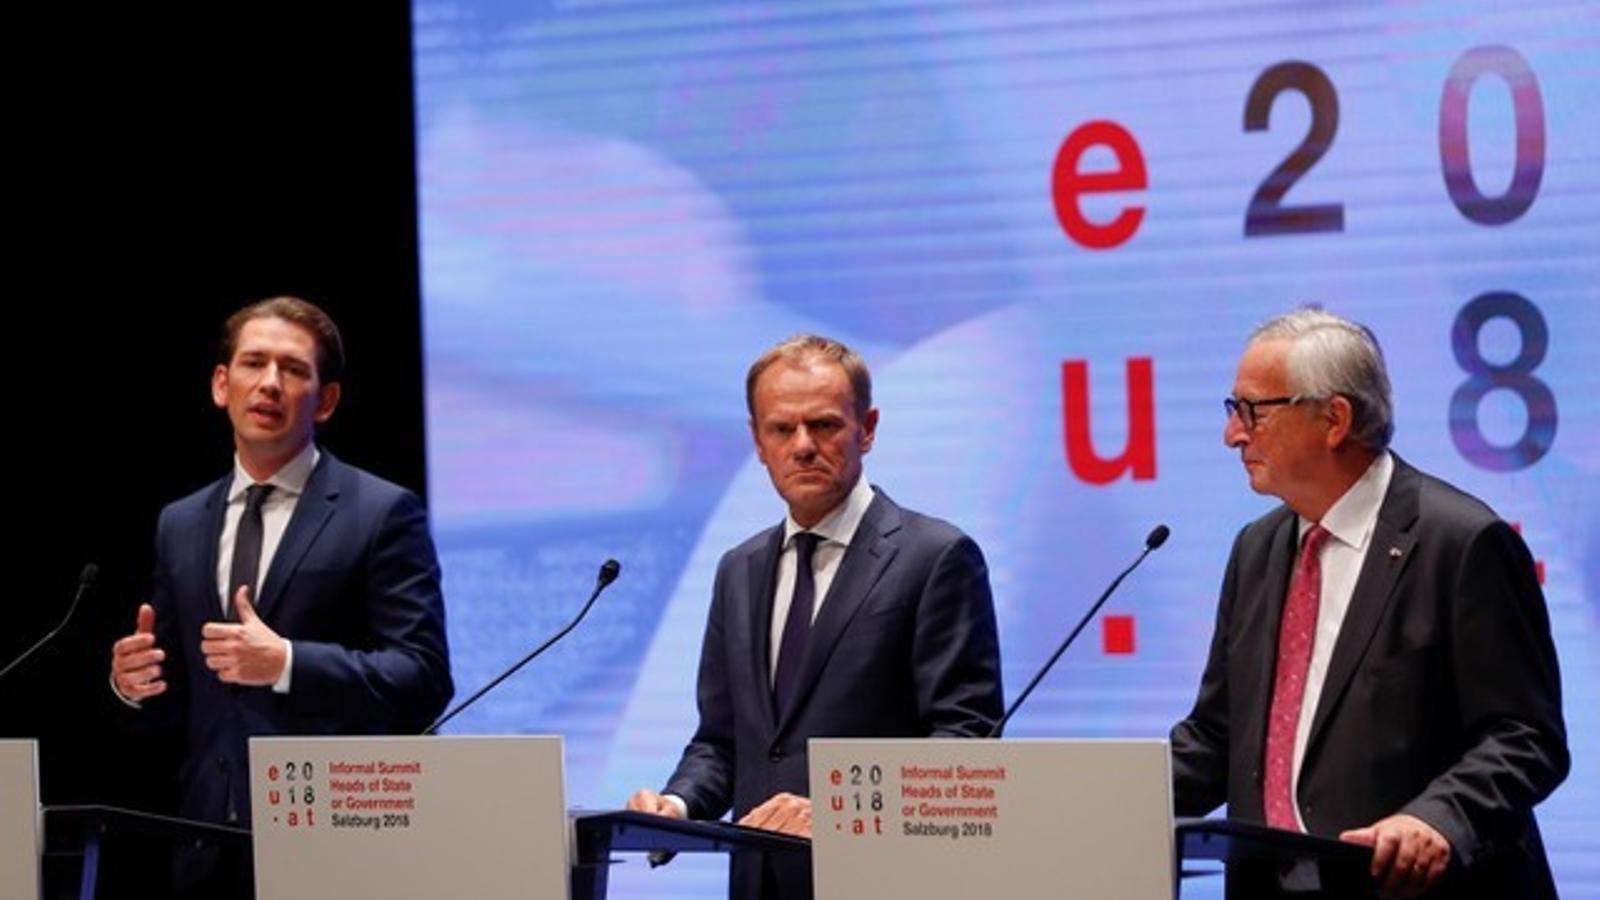 El president del Consell Europeu, Donald Tusk (al centre), amb Jean Claude-Juncker (dreta) i el líder austríac, Sebastian Kurz.